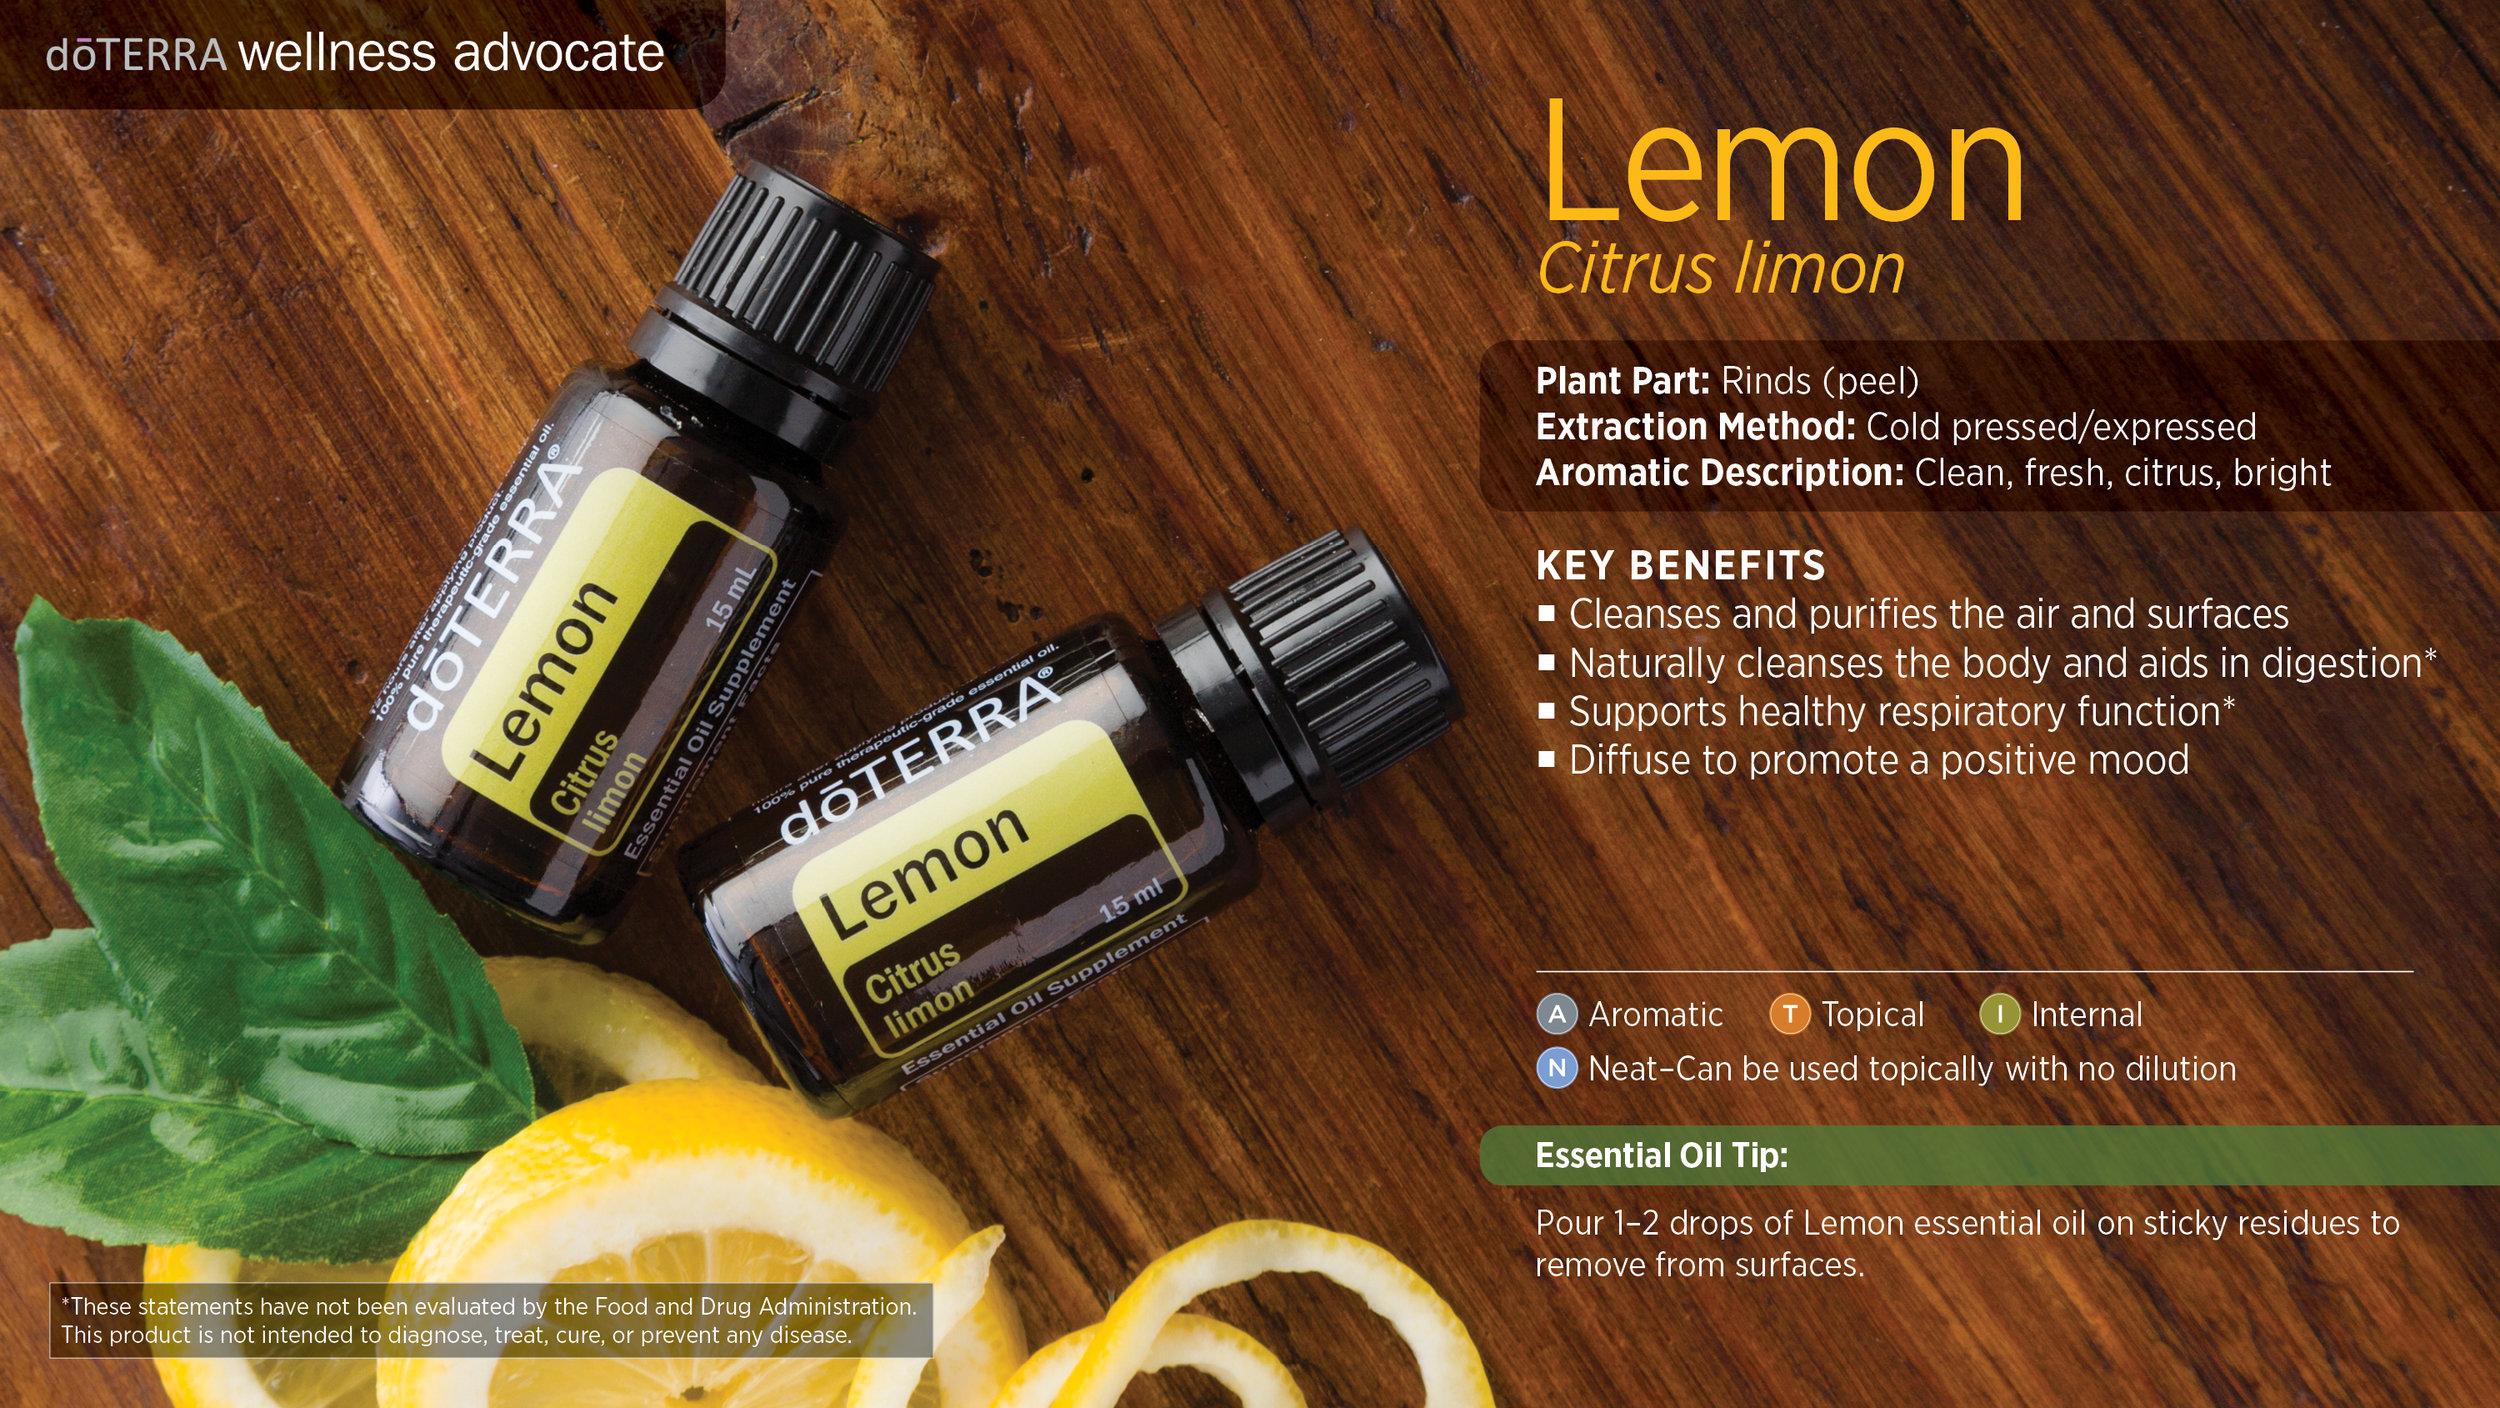 doterra-lemon-oil